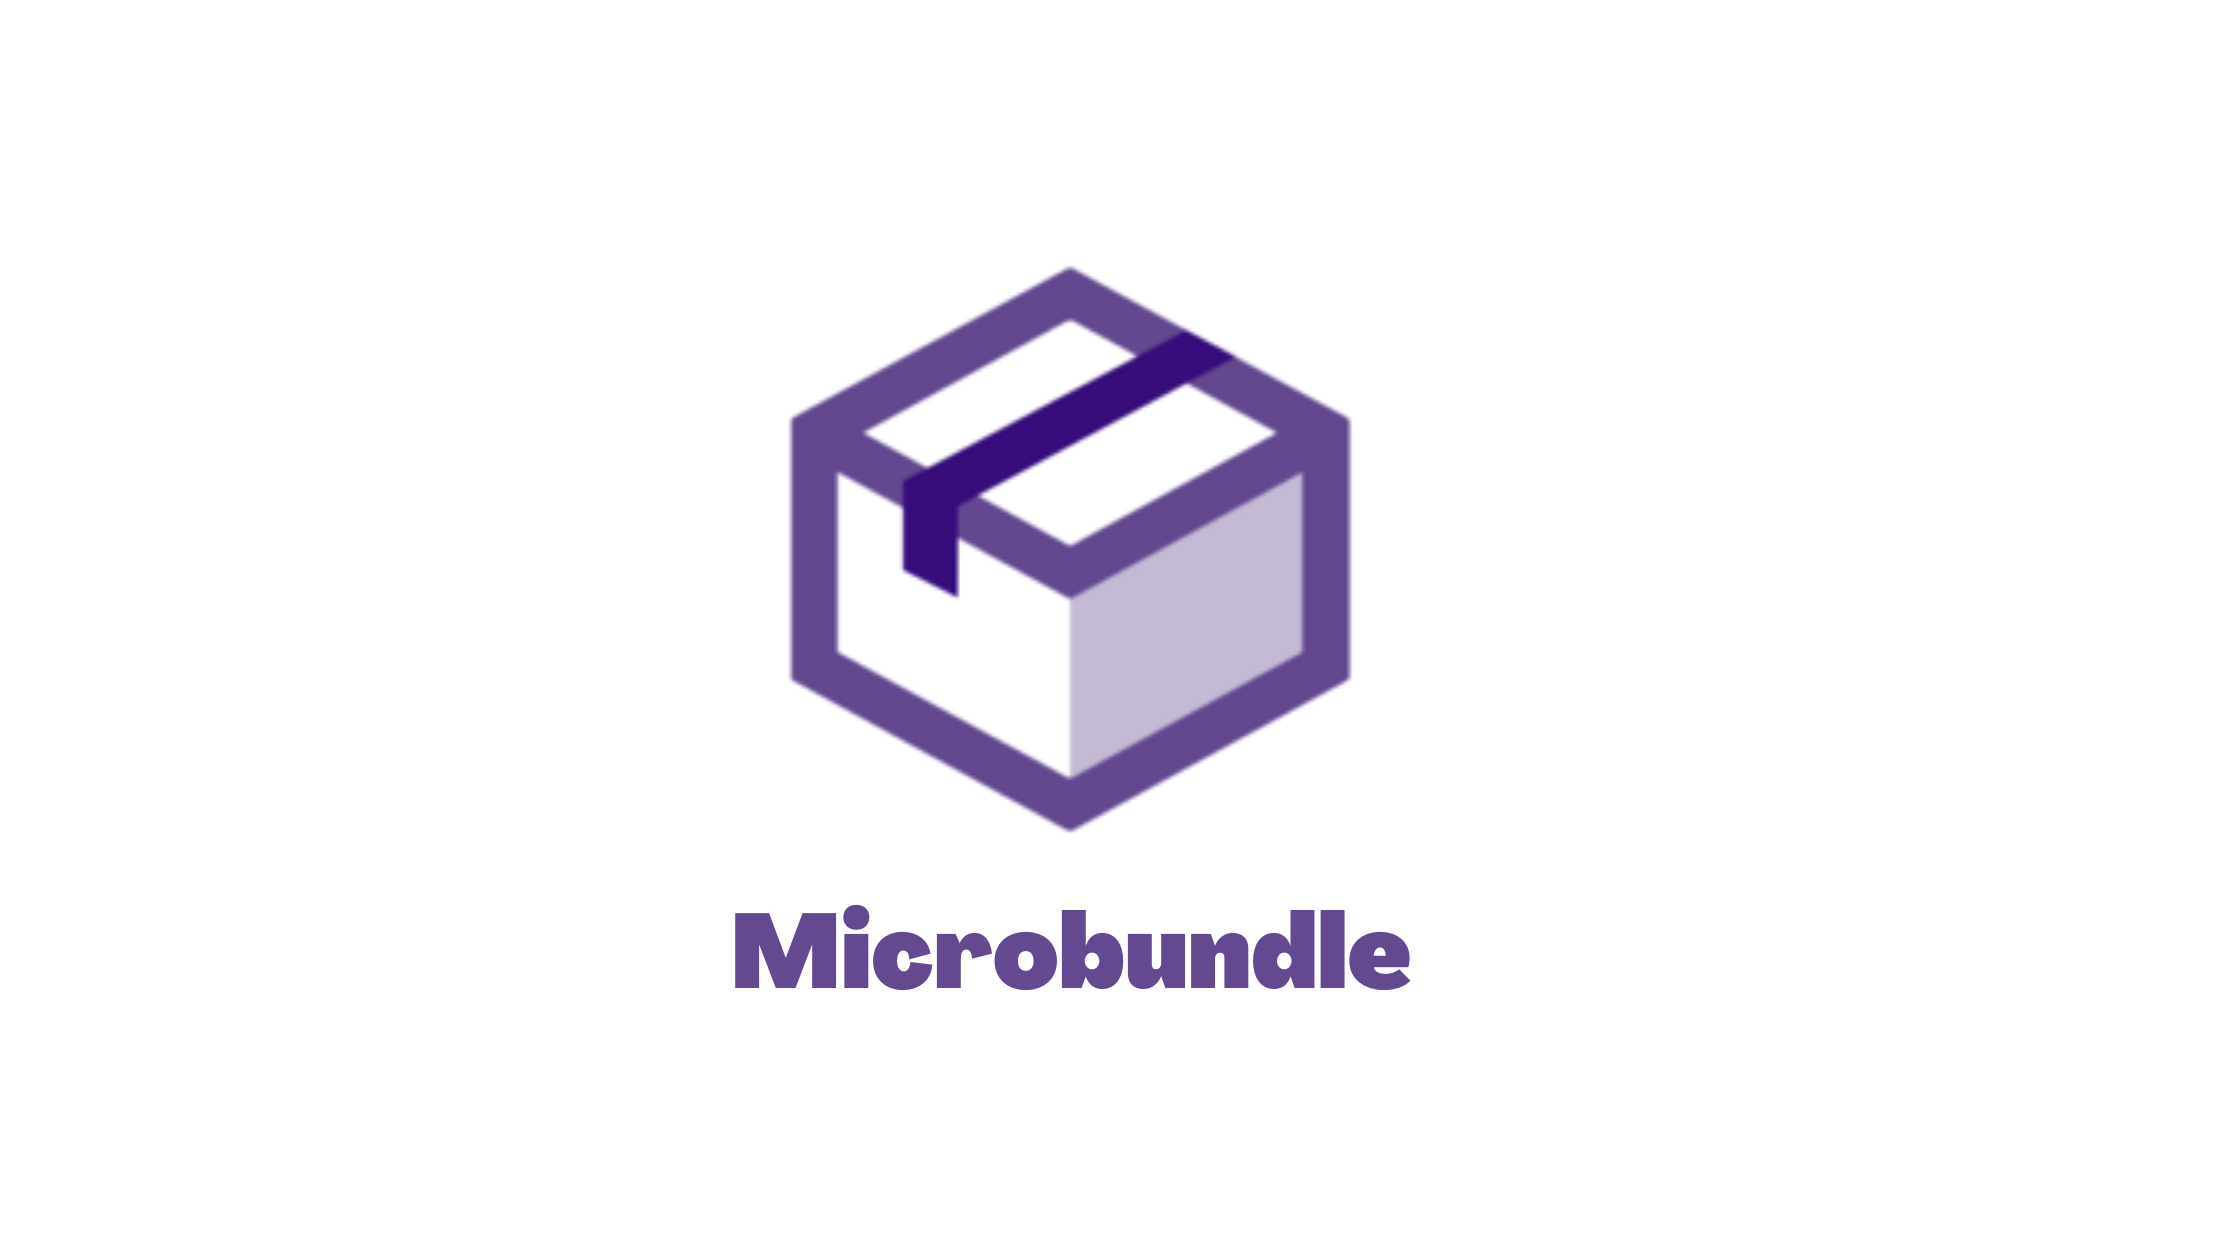 Microbundle